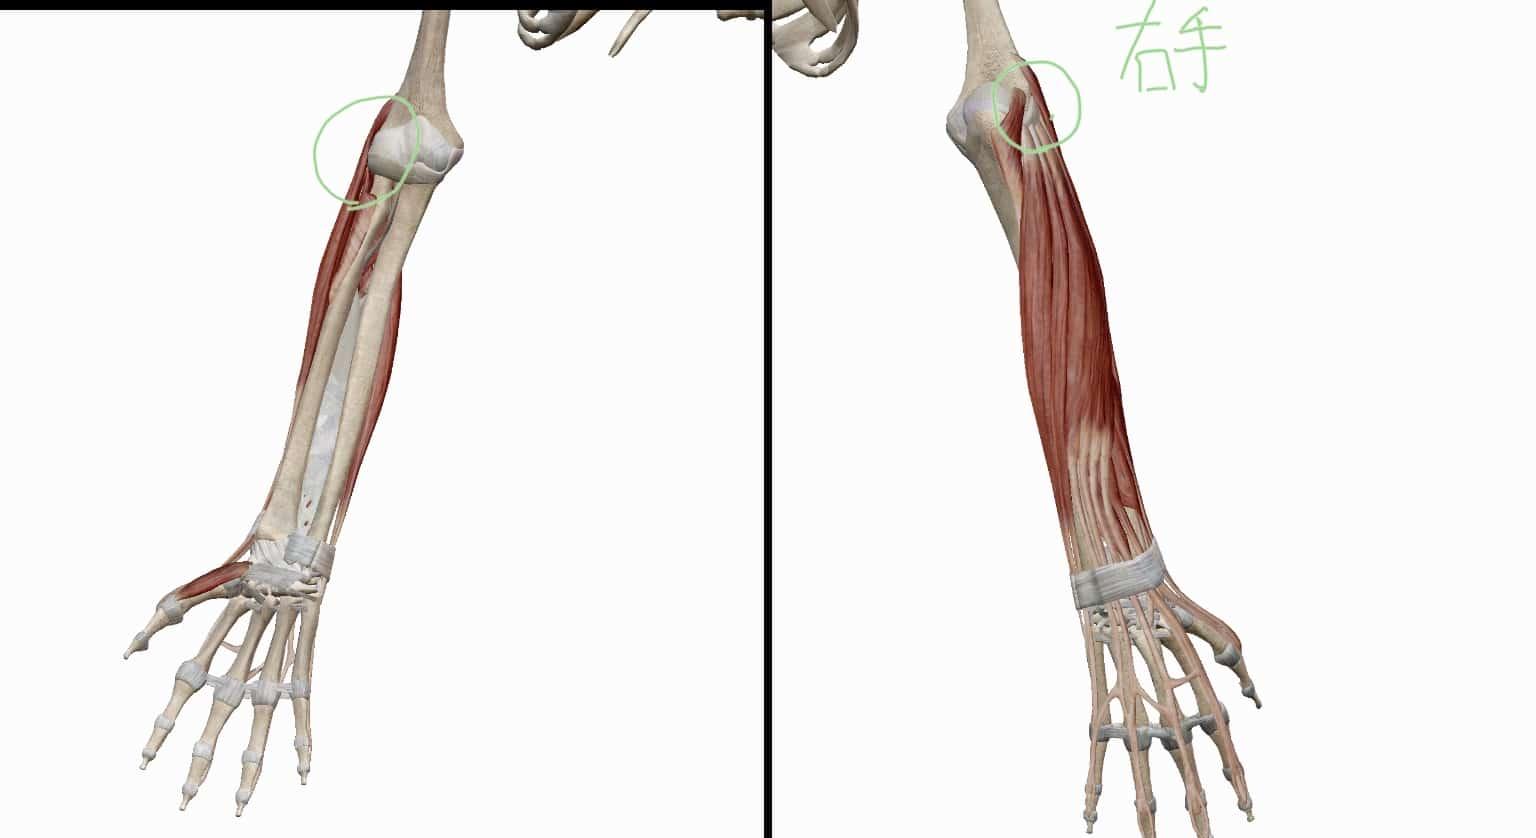 テニス肘(上腕骨外側上顆炎)と関係する筋肉の位置関係の図